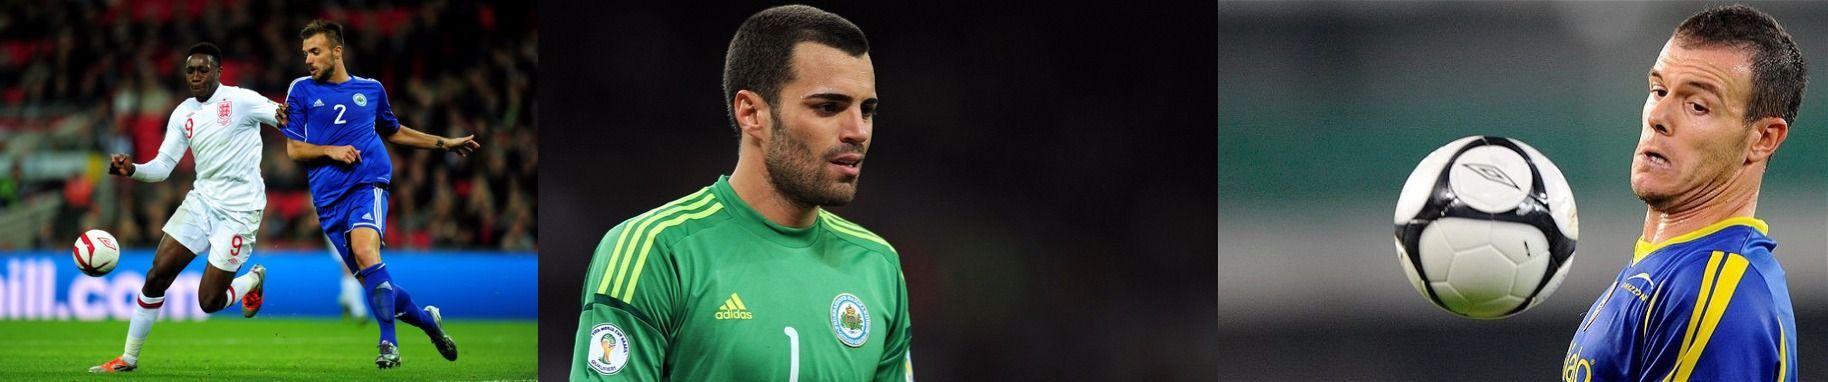 ¿Quién es el mejor jugador de la Selección de San Marino de futbol?